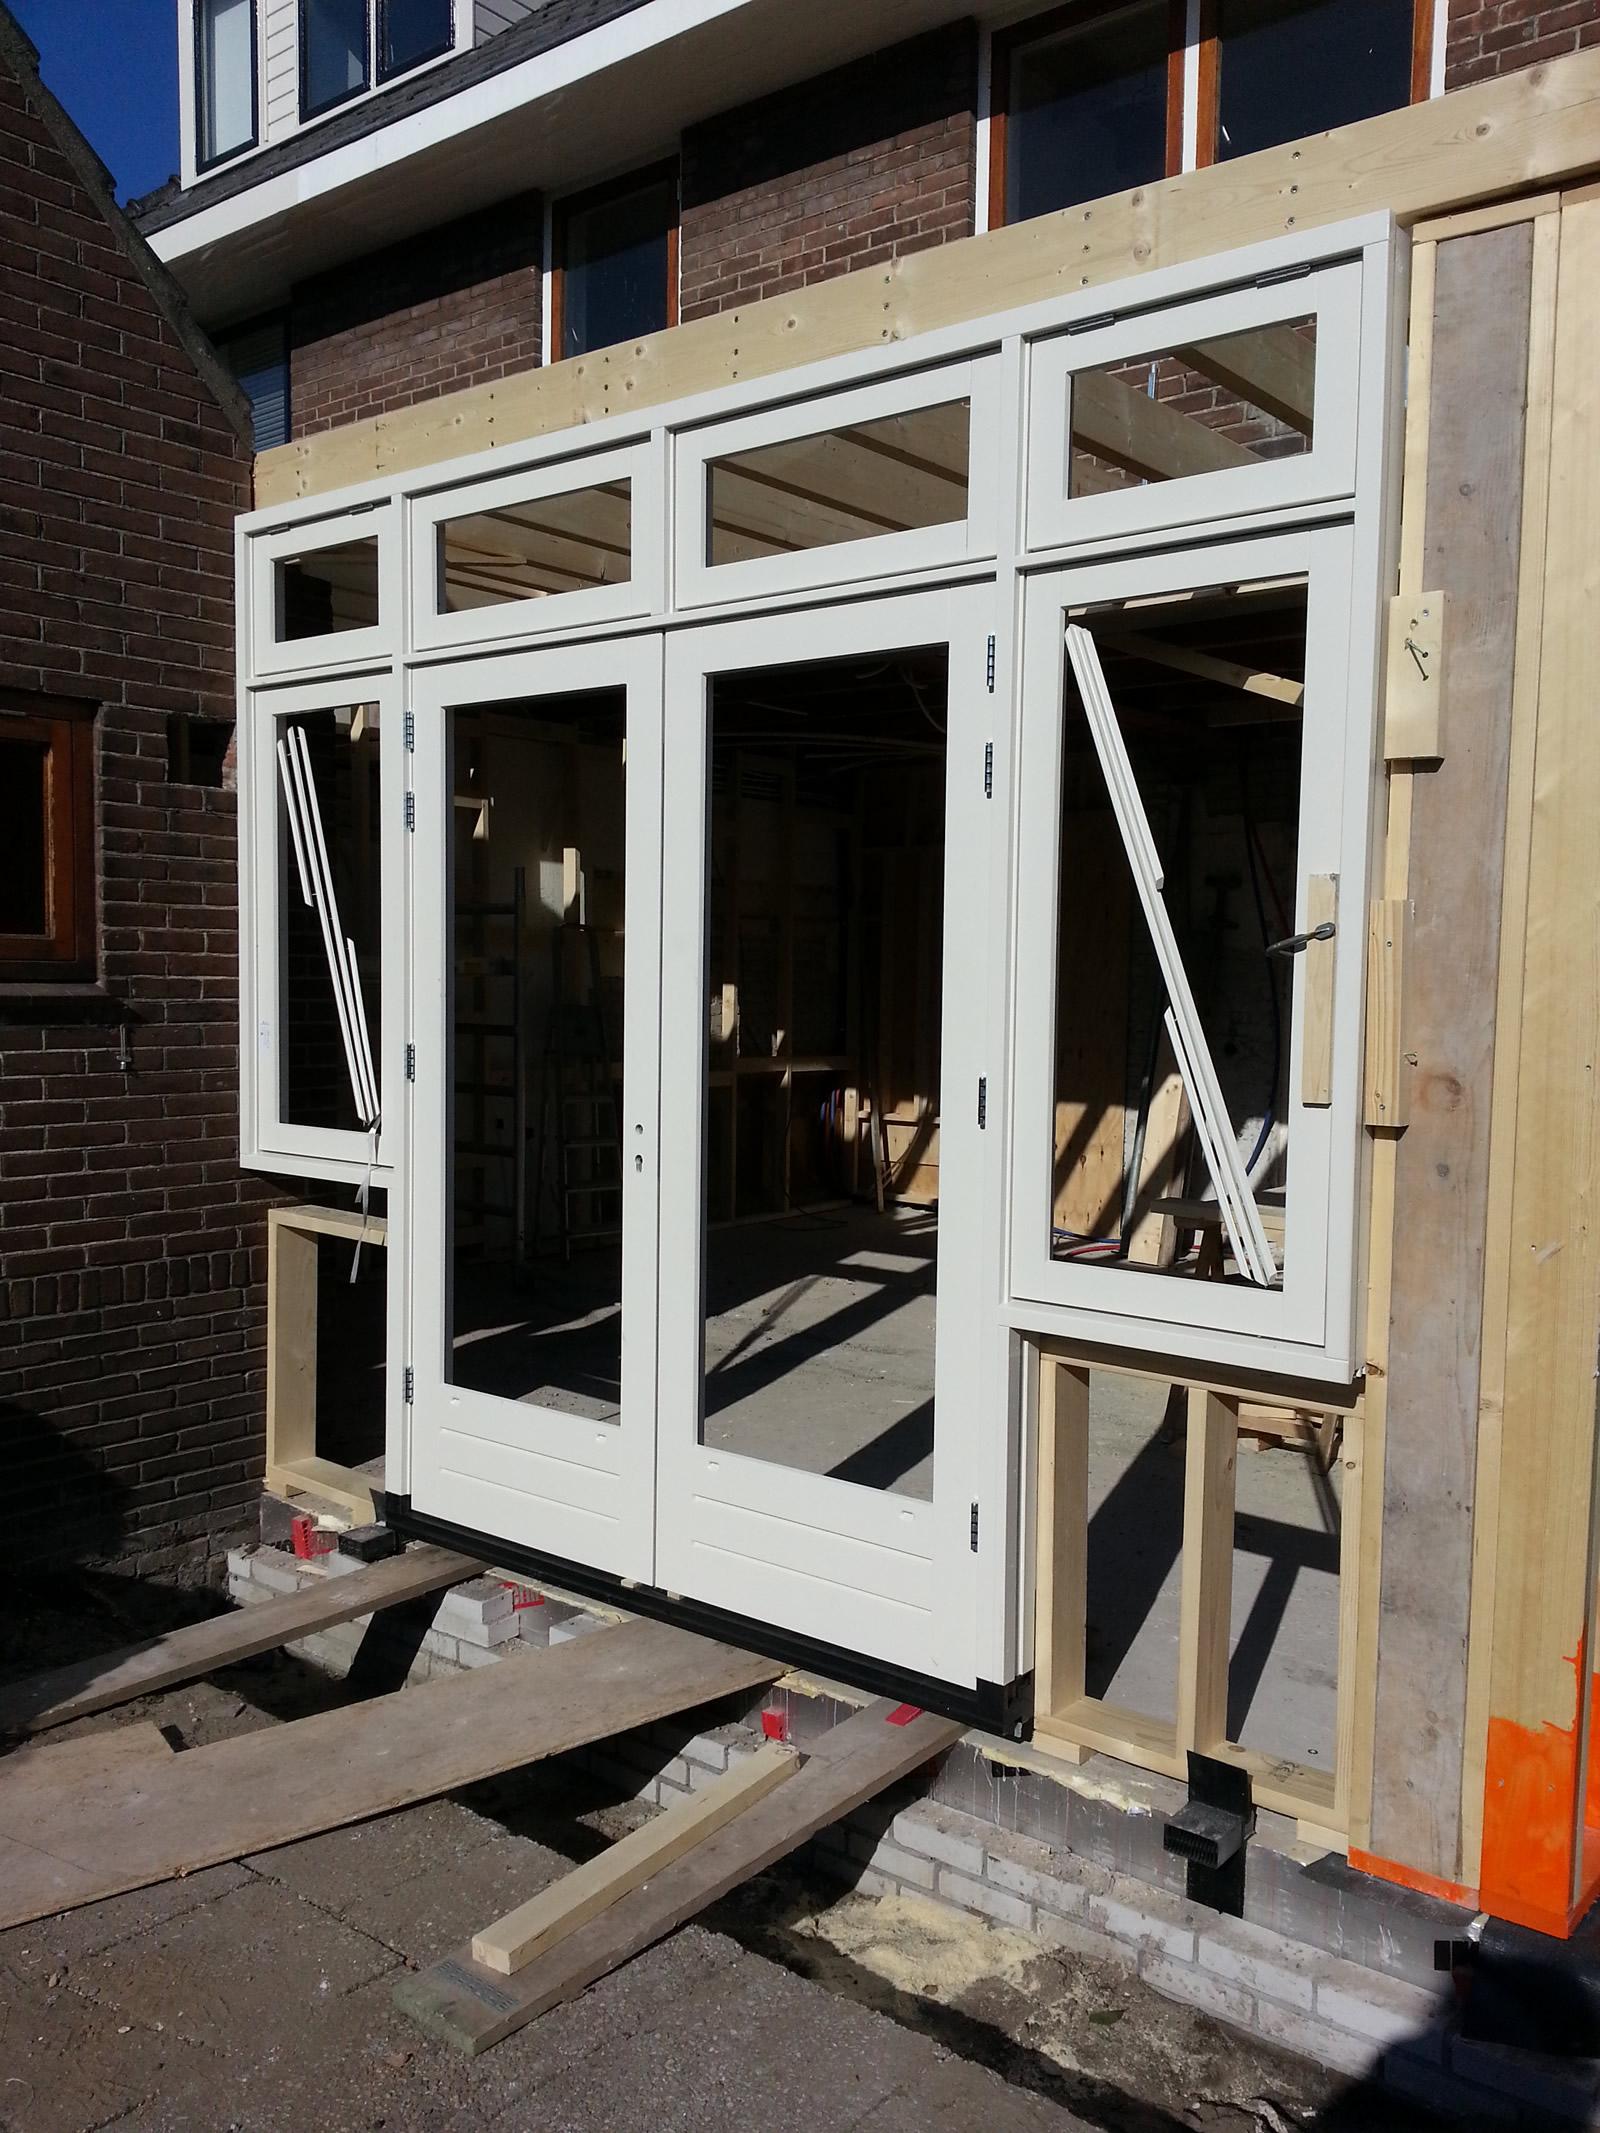 Foto 39 s gerealiseerde projecten door rmk totaalonderhoud leemstuc flevoland - Renovatie oude huis fotos ...